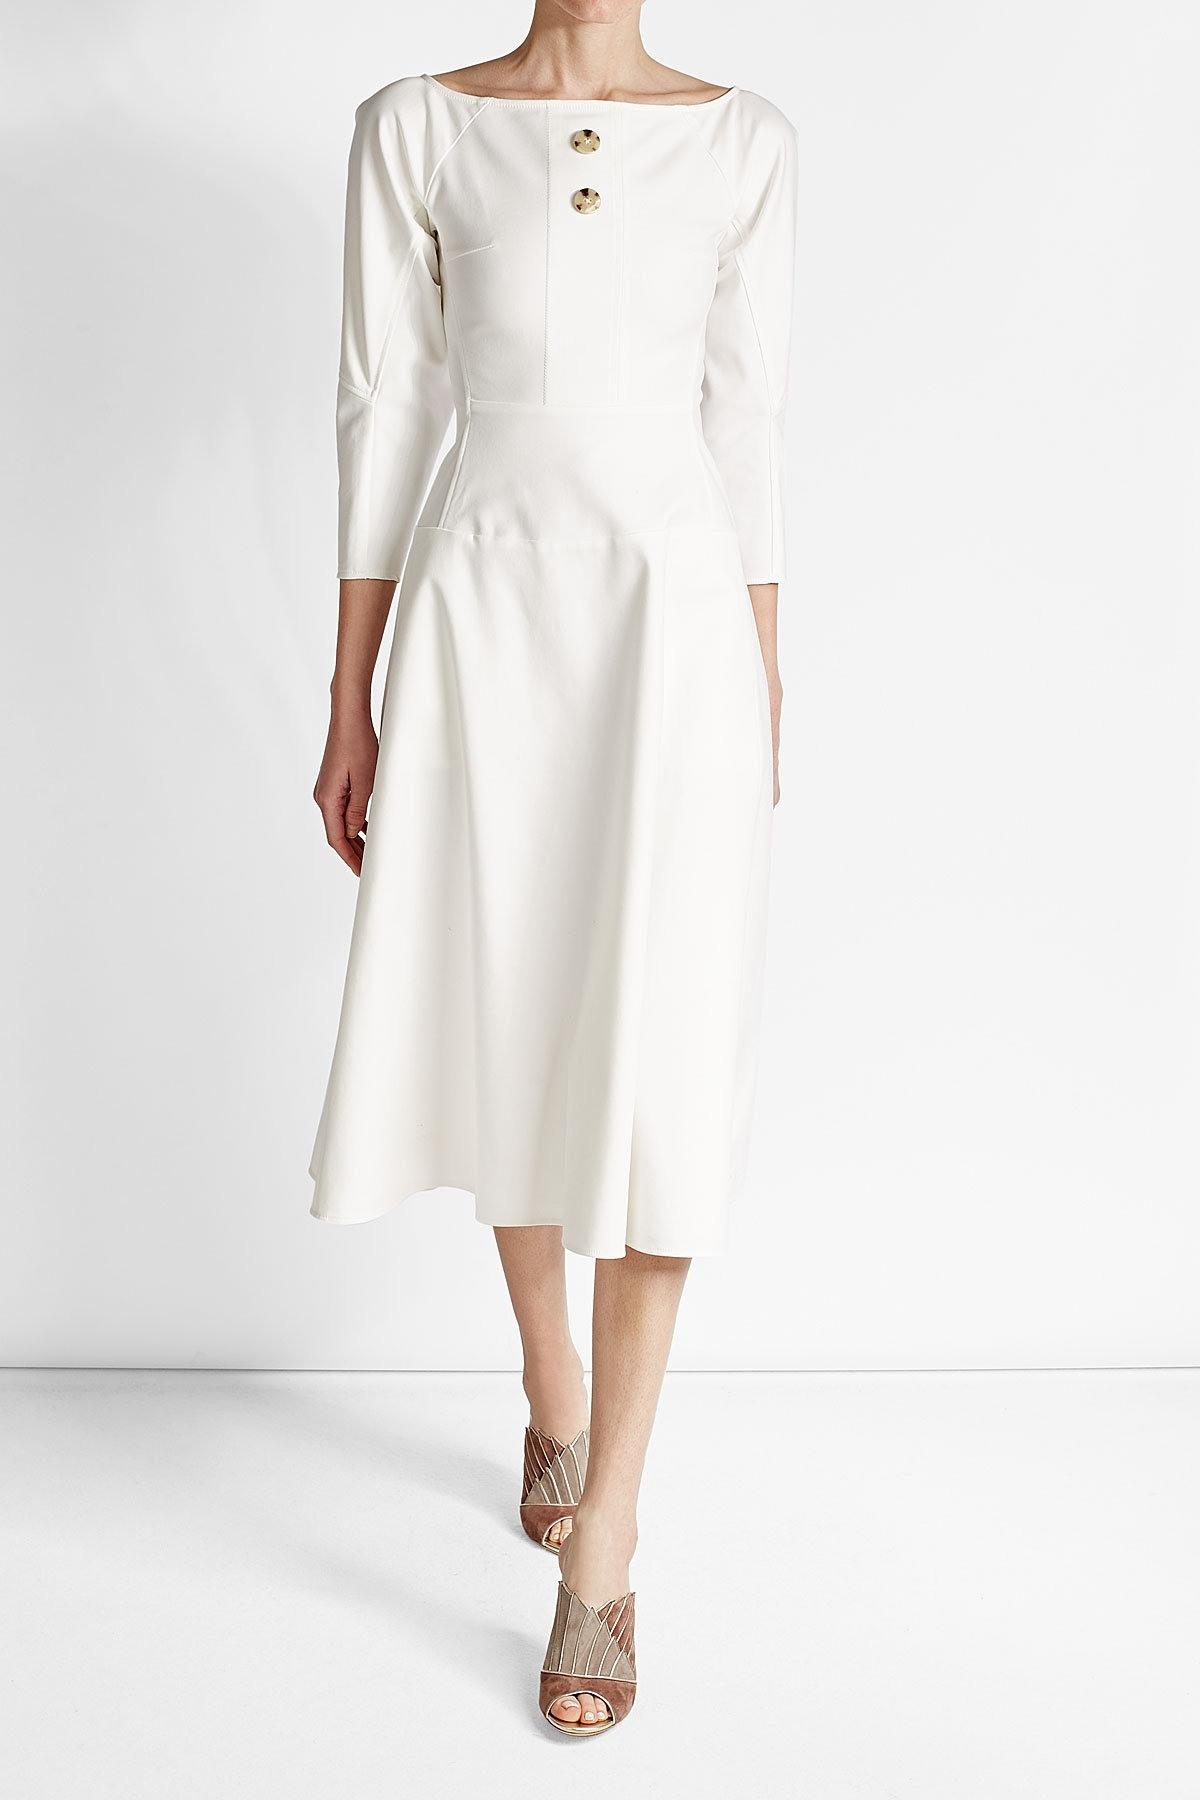 Abendkleid Ausgezeichnet Midi Design Damen Kleider lc3uK1FJT